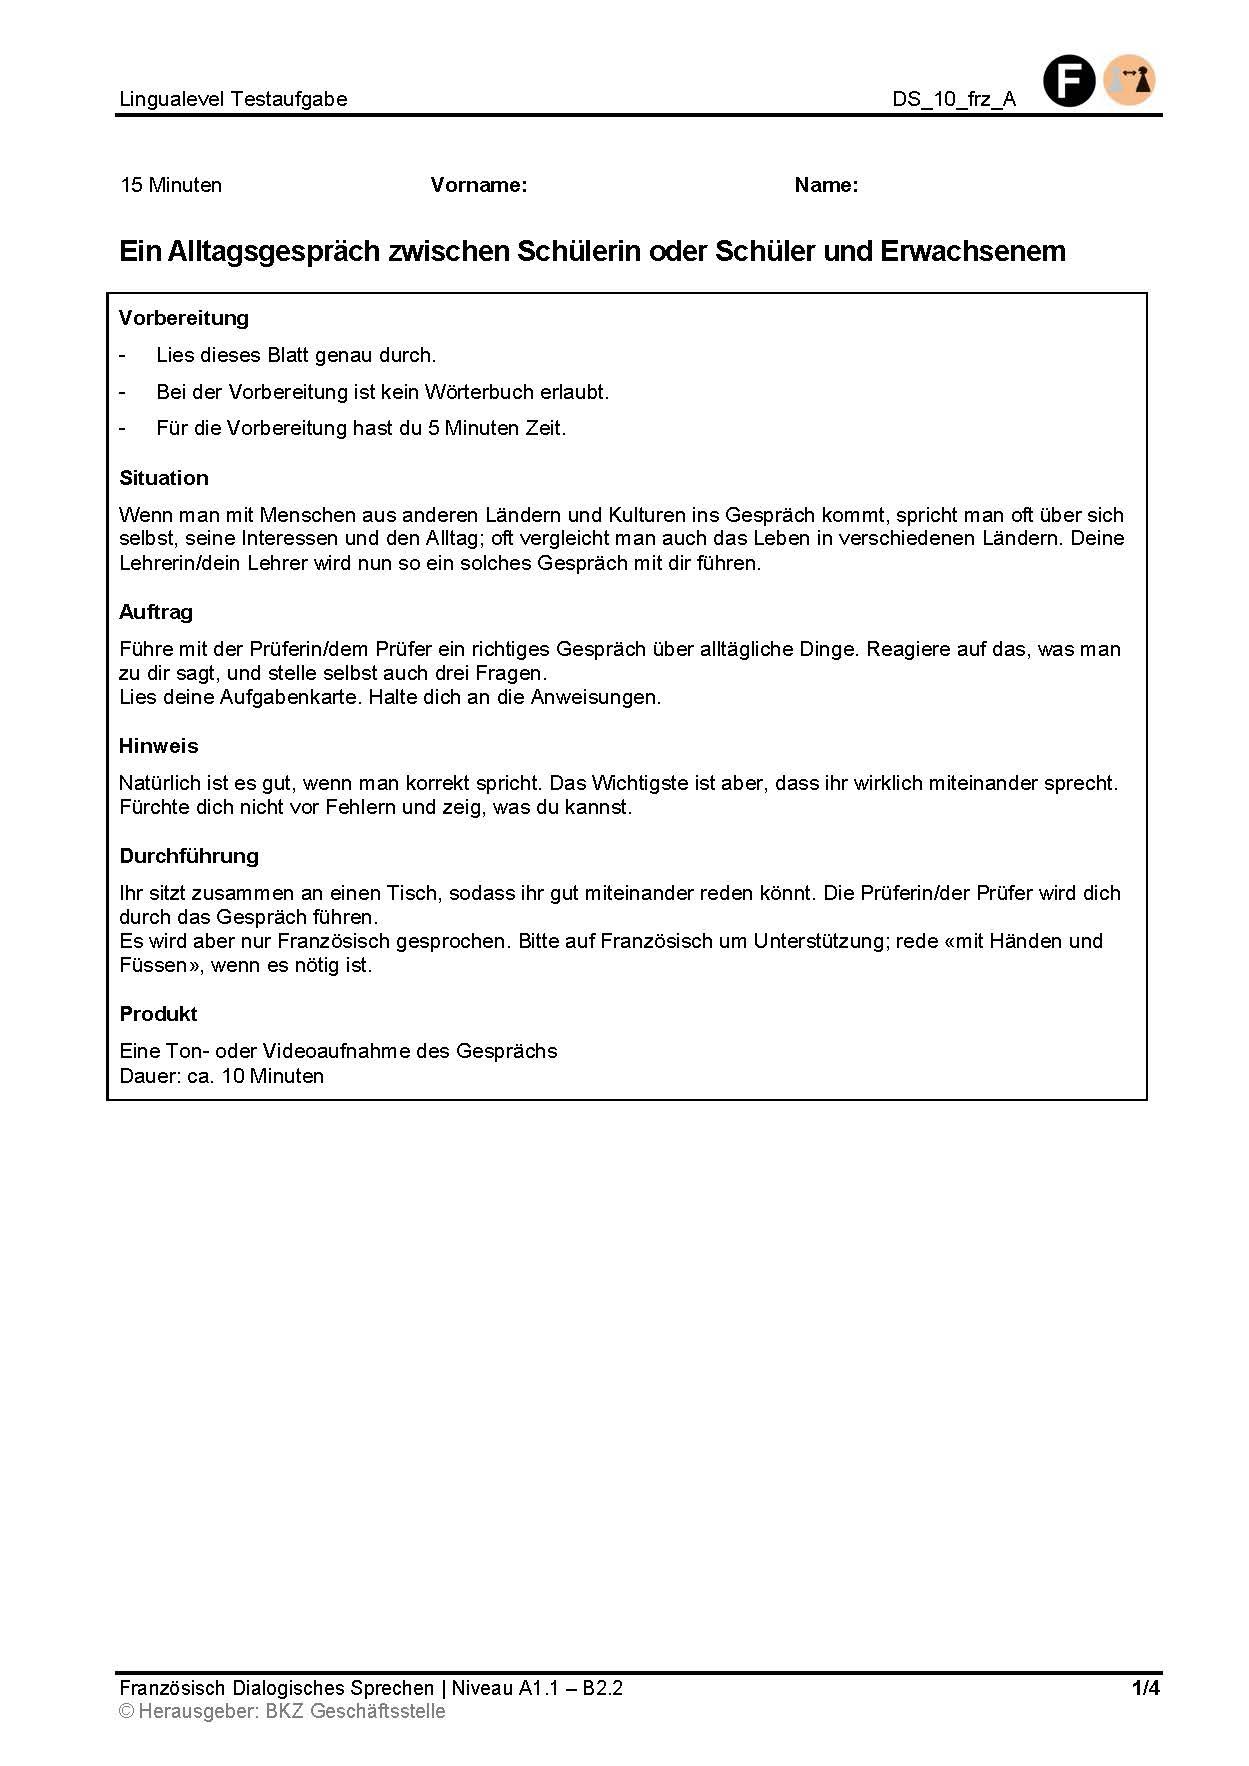 Preview image for LOM object Ein Alltagsgespräch zwischen Schülerin oder Schüler und Erwachsenem